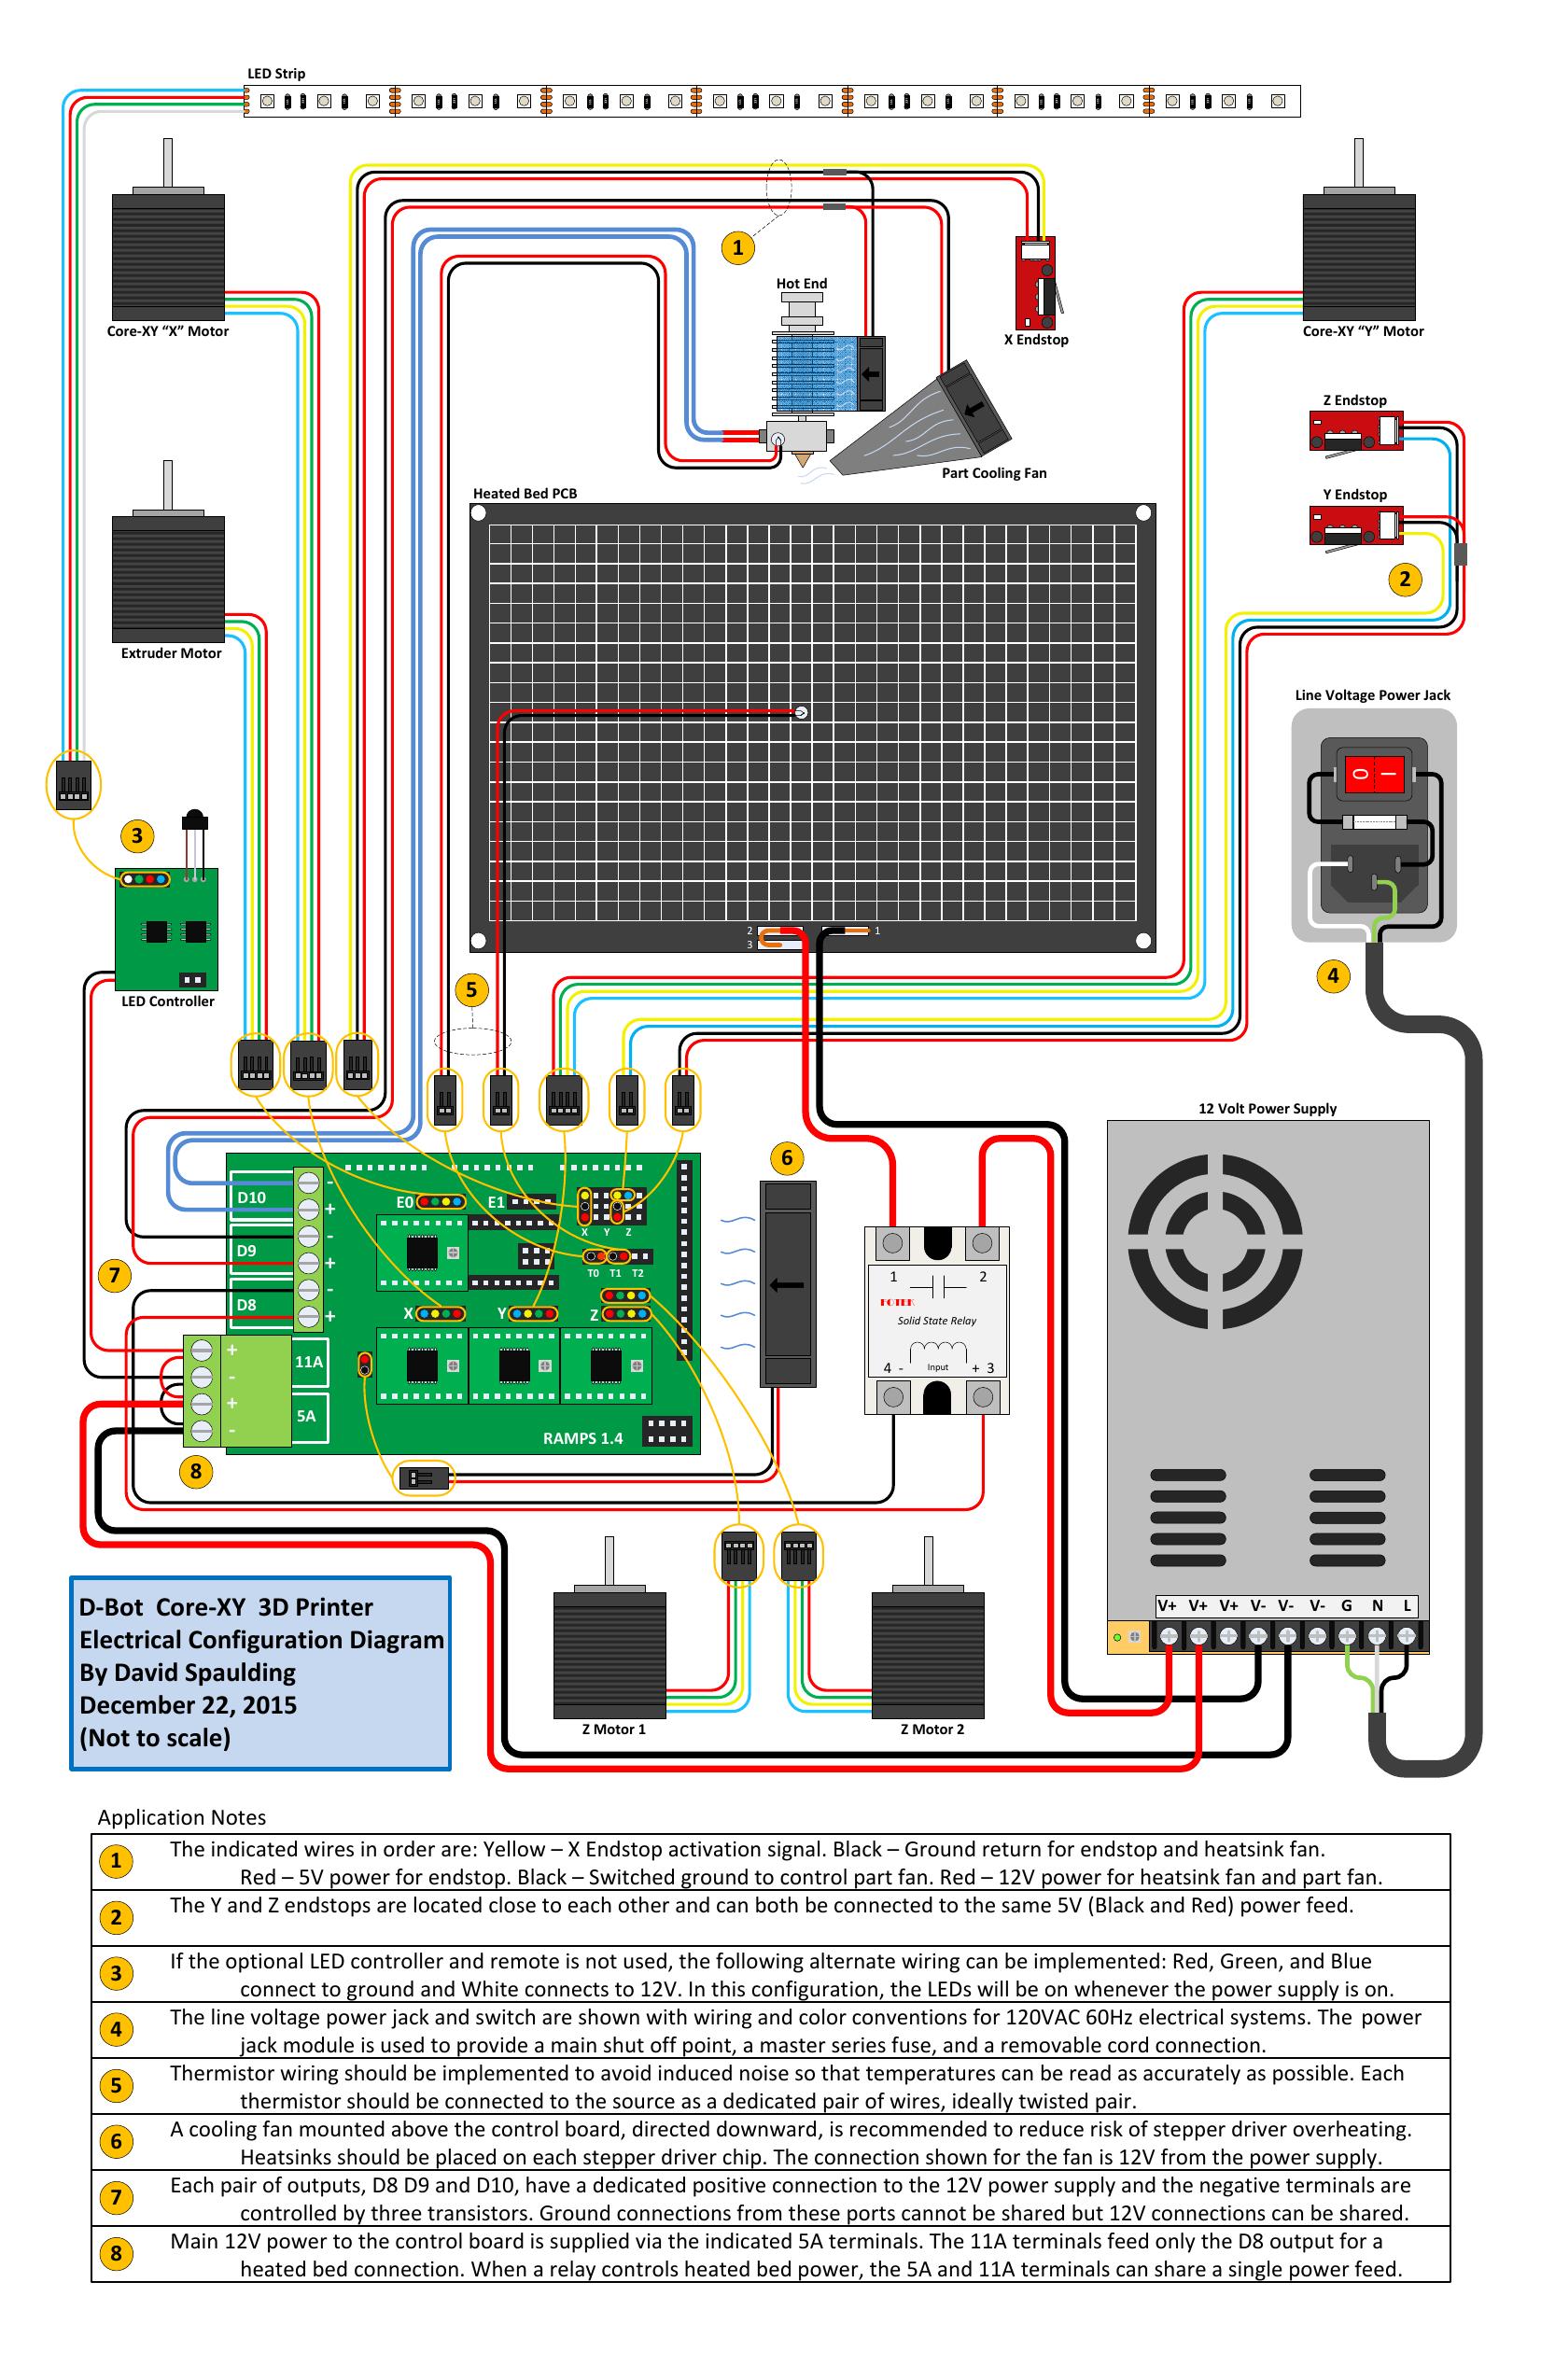 ramps wiring diagram wiring diagrams ramps 1.4 shield ramps 1 4 wiring diagram ramps 1 4 schematic wiring diagram database ramps 1 4 wiring